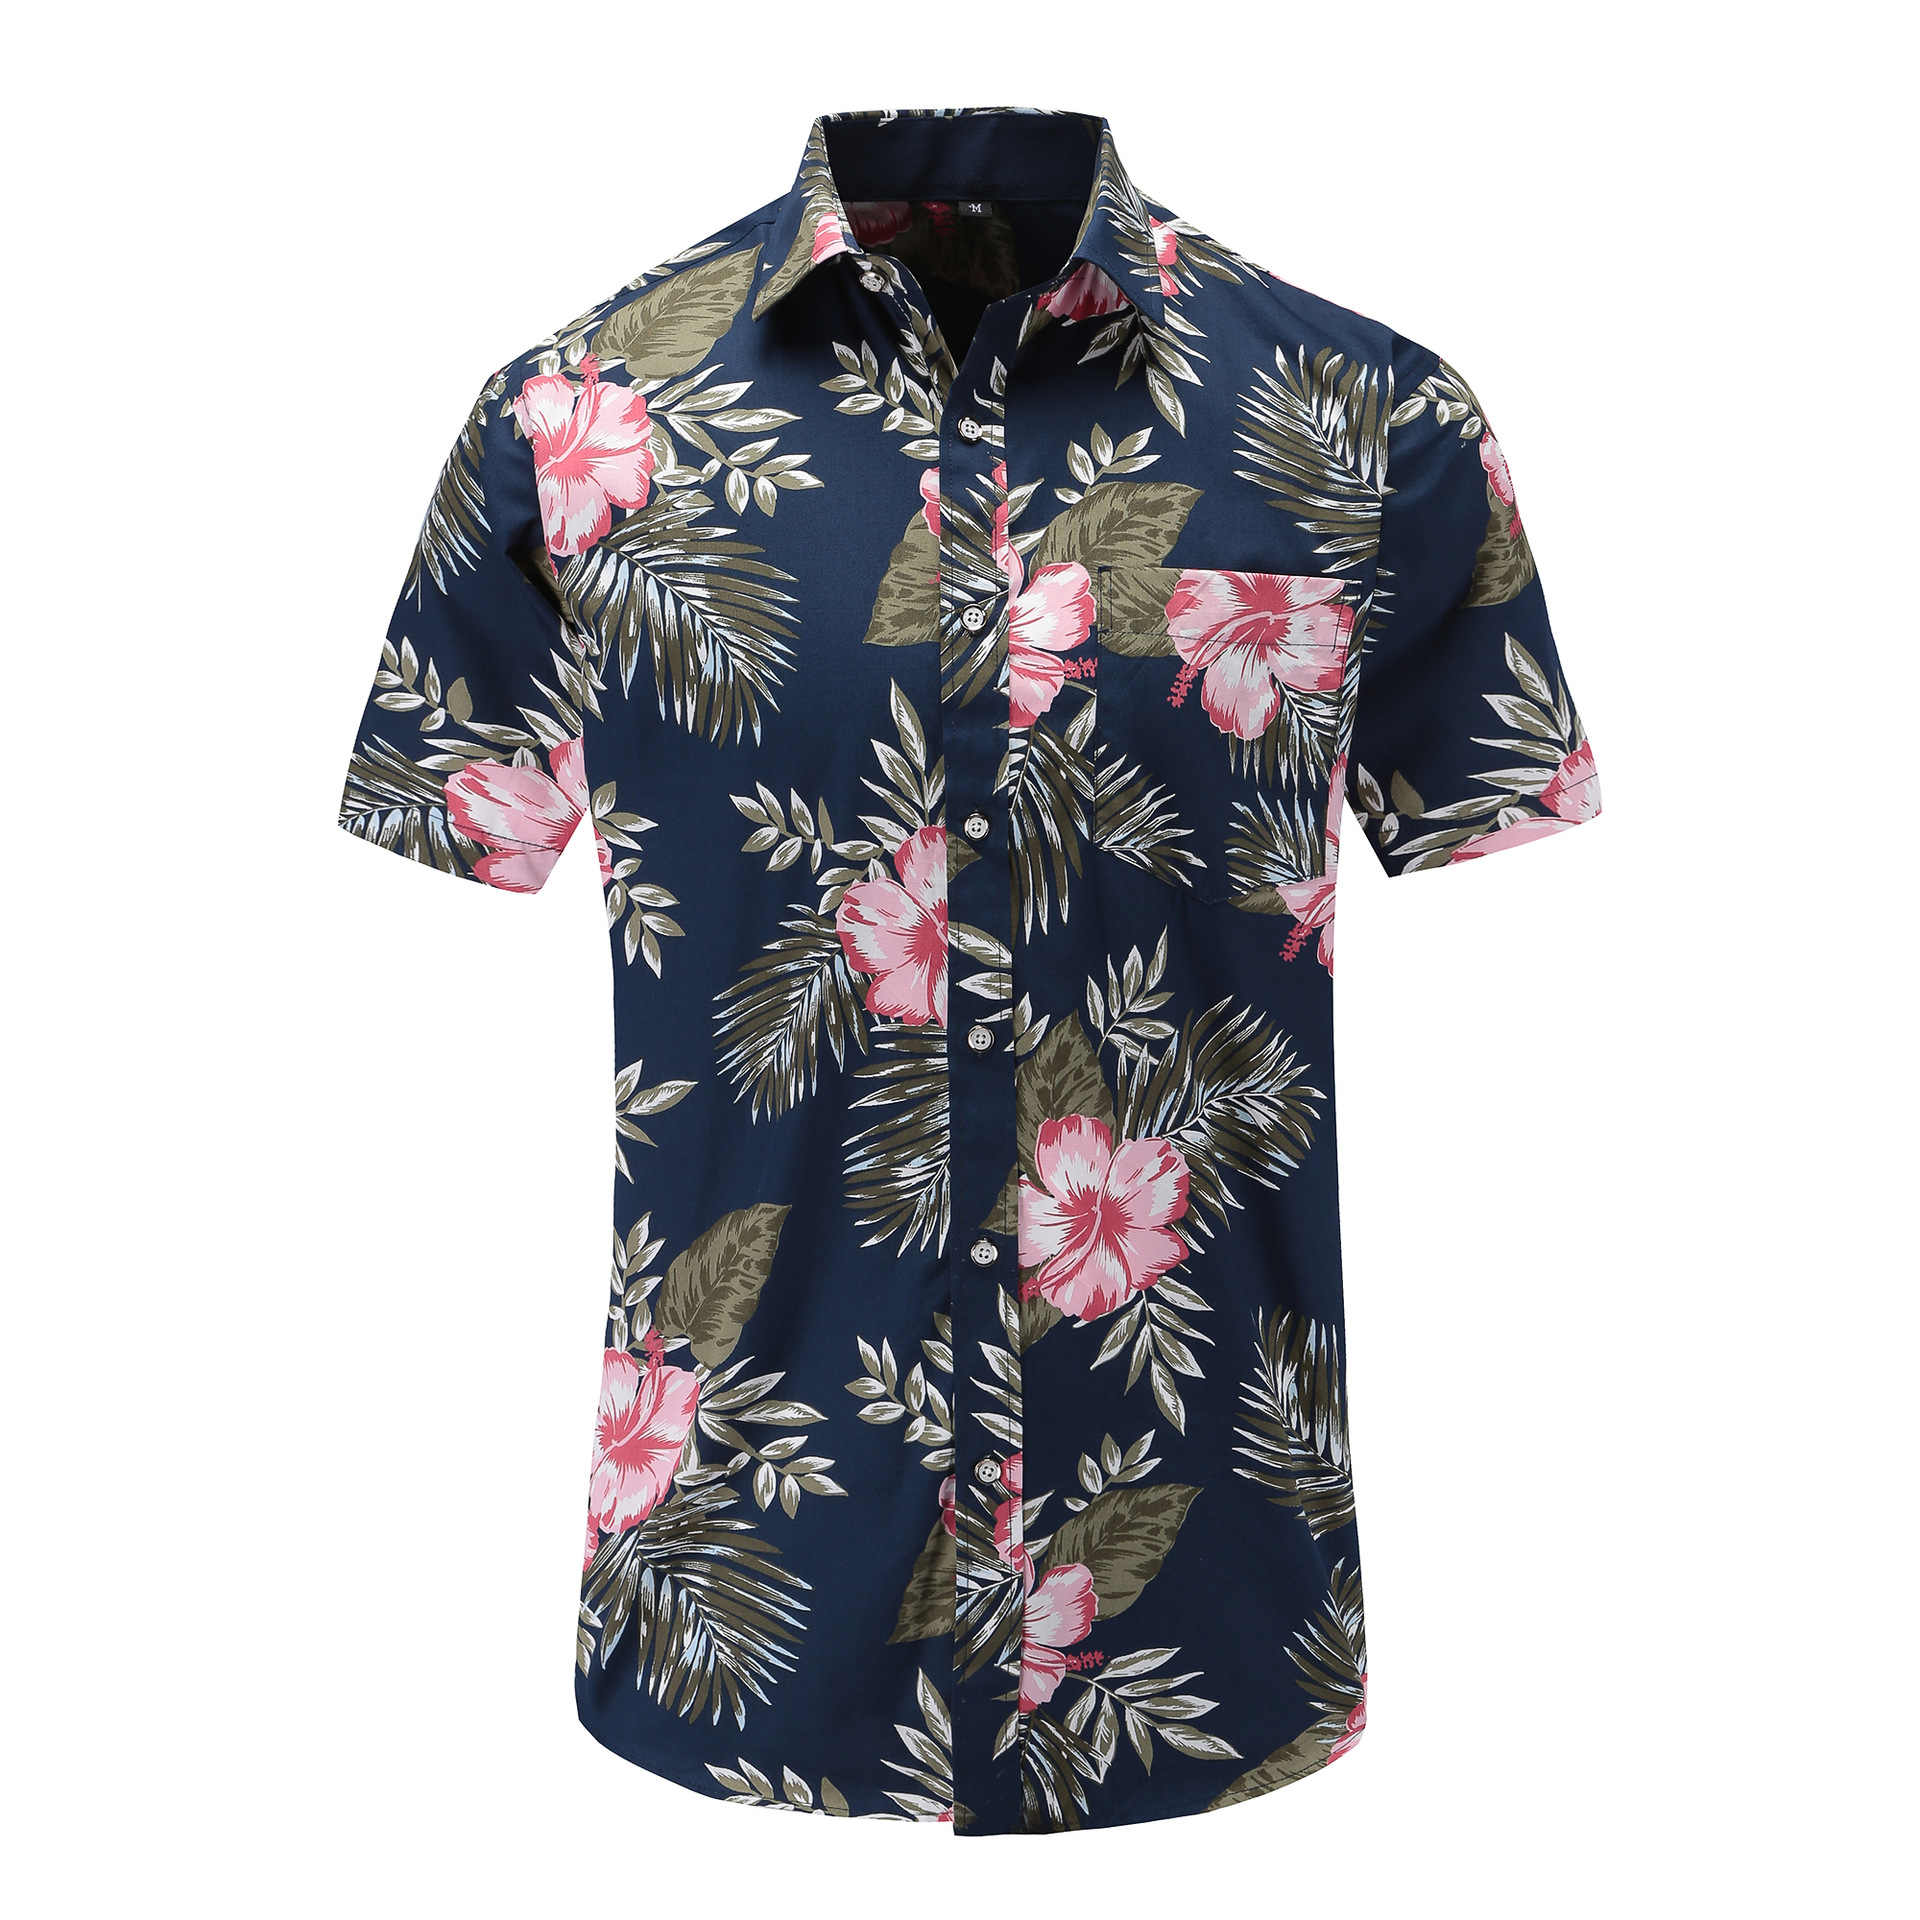 Jeetoo 2019 летняя модная мужская s рубашка Slim Fit с коротким рукавом мужские рубашки в цветах одежда тренд мужские повседневные Гавайские рубашки плюс размер